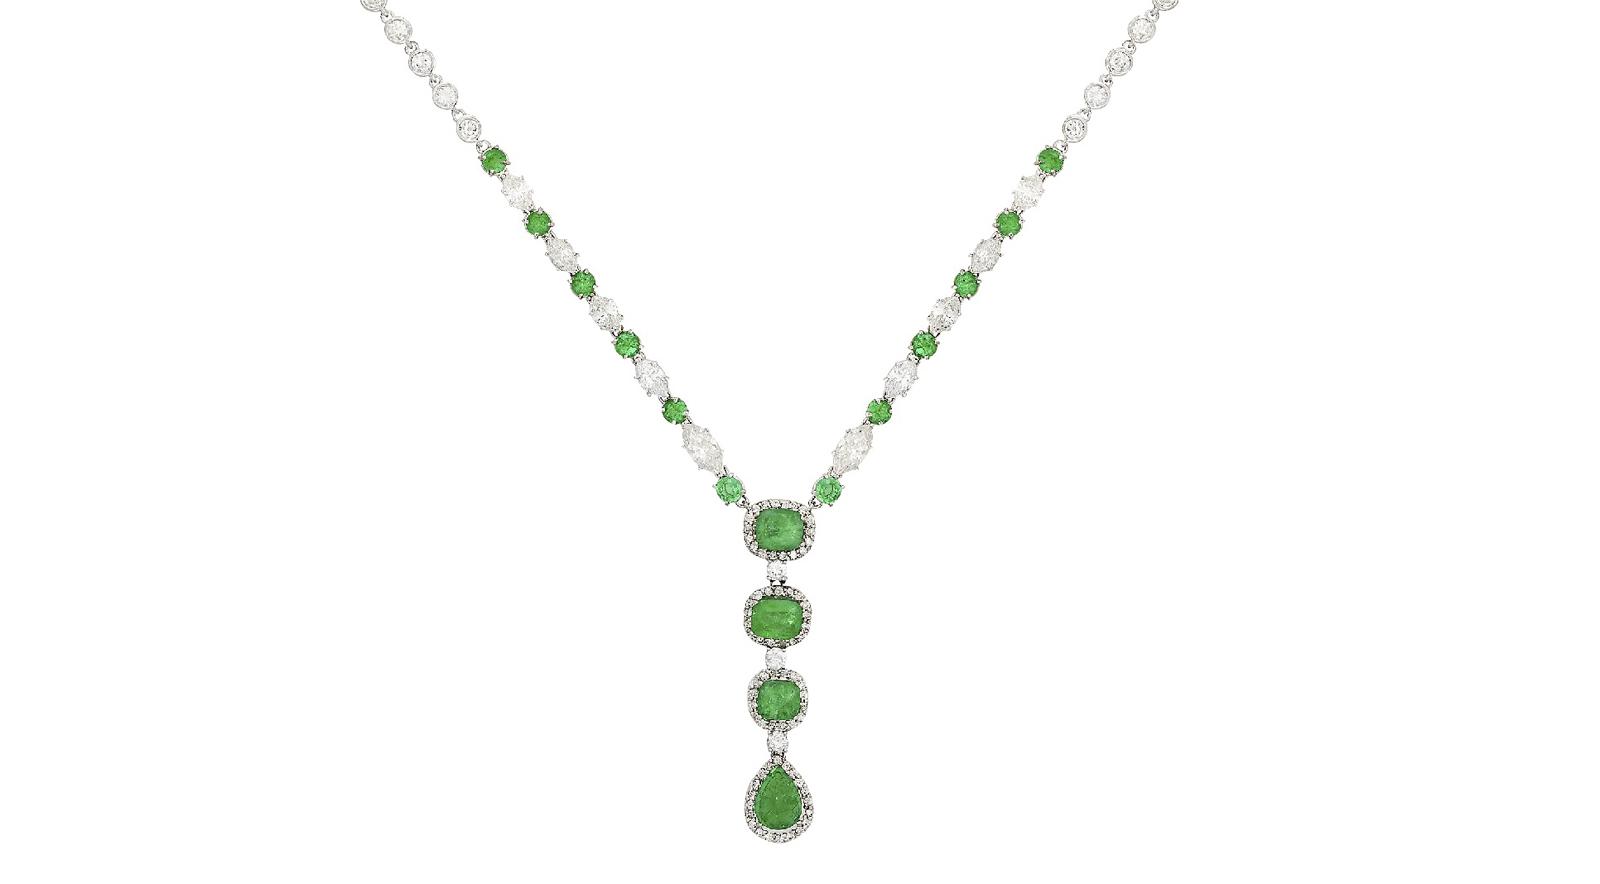 4. kép: Fehérarany nyakék smaragdokkal és briliánsokkal